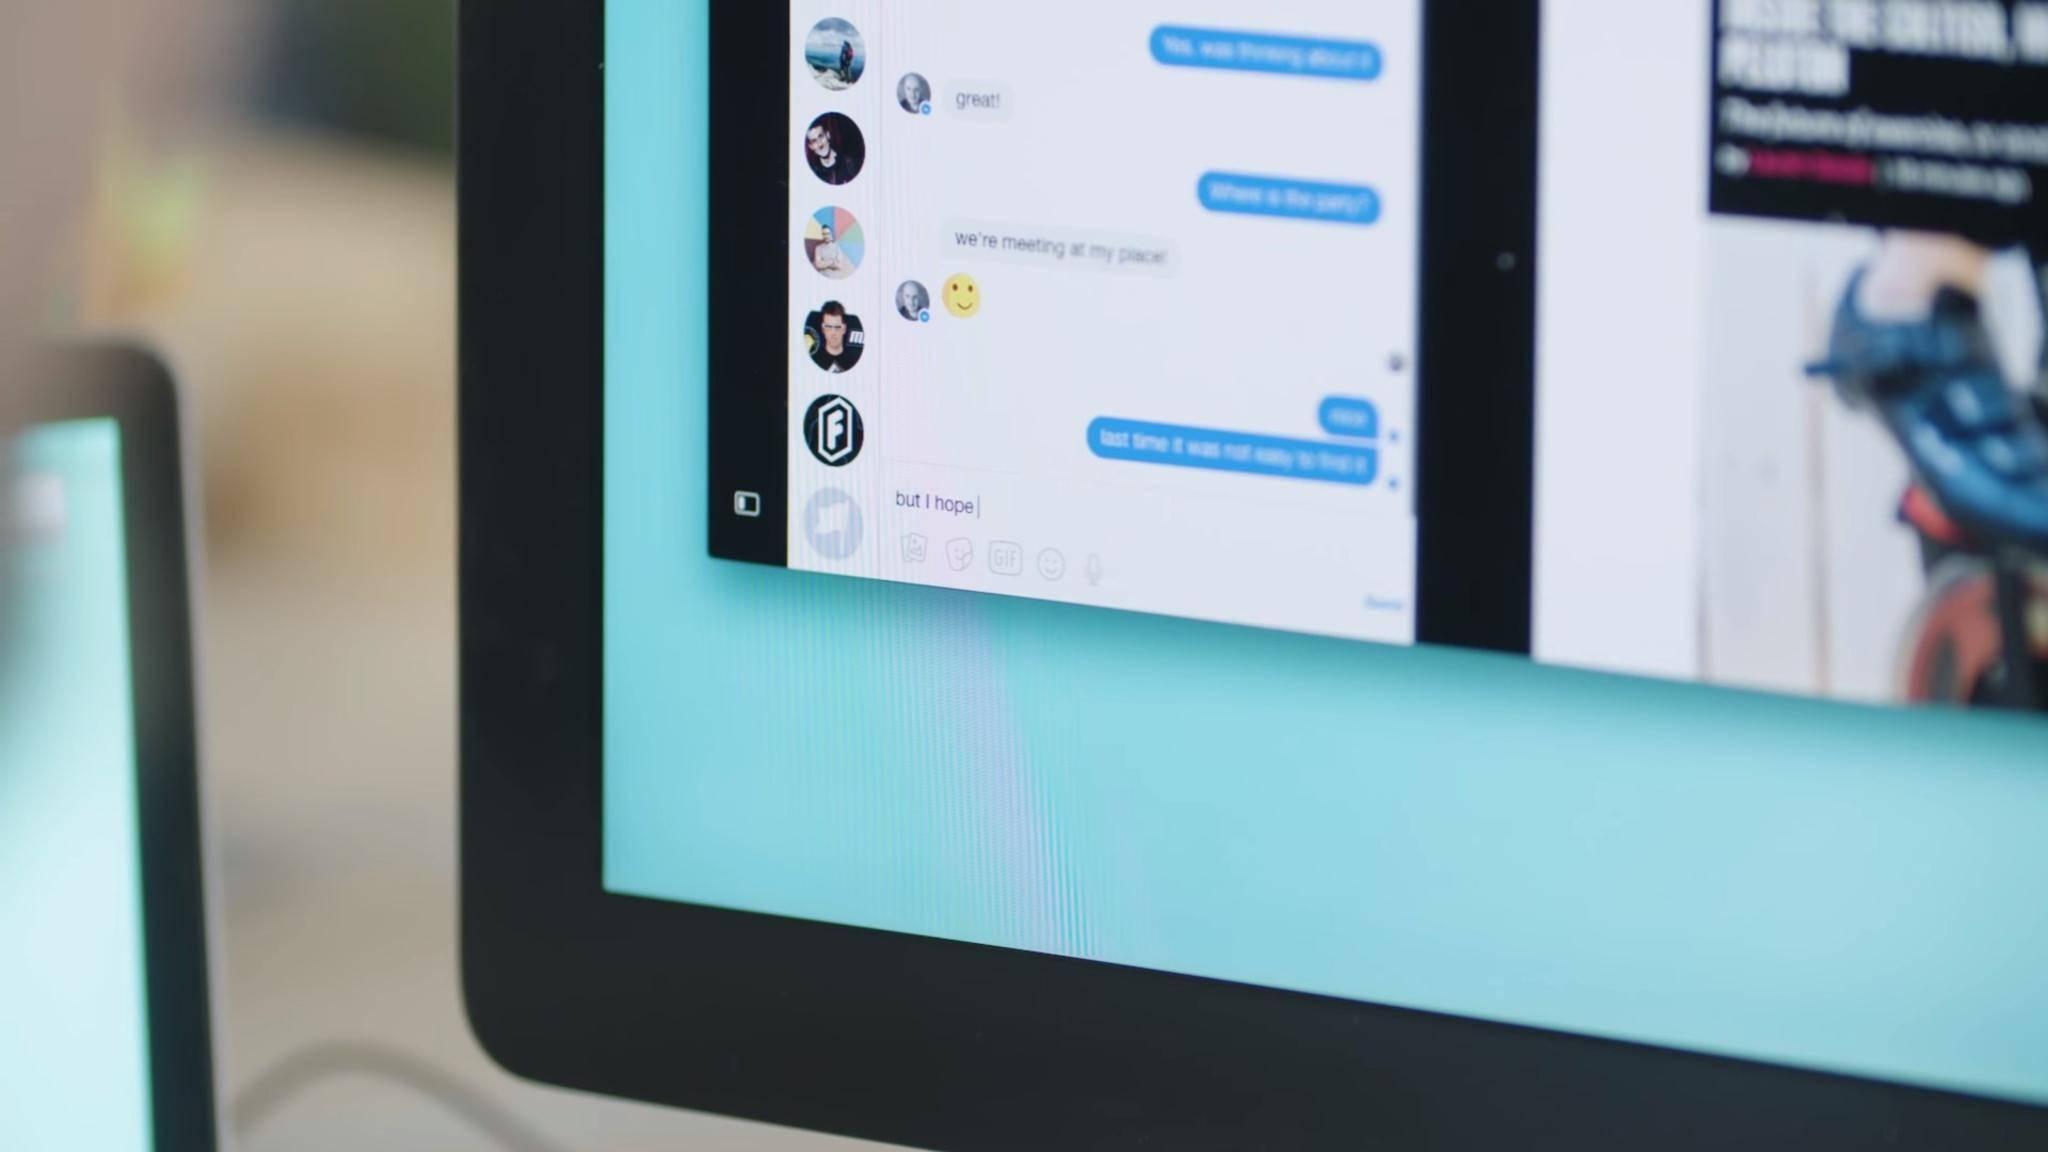 Die neue Opera-Version enthält nun Chat-Apps im Browser.